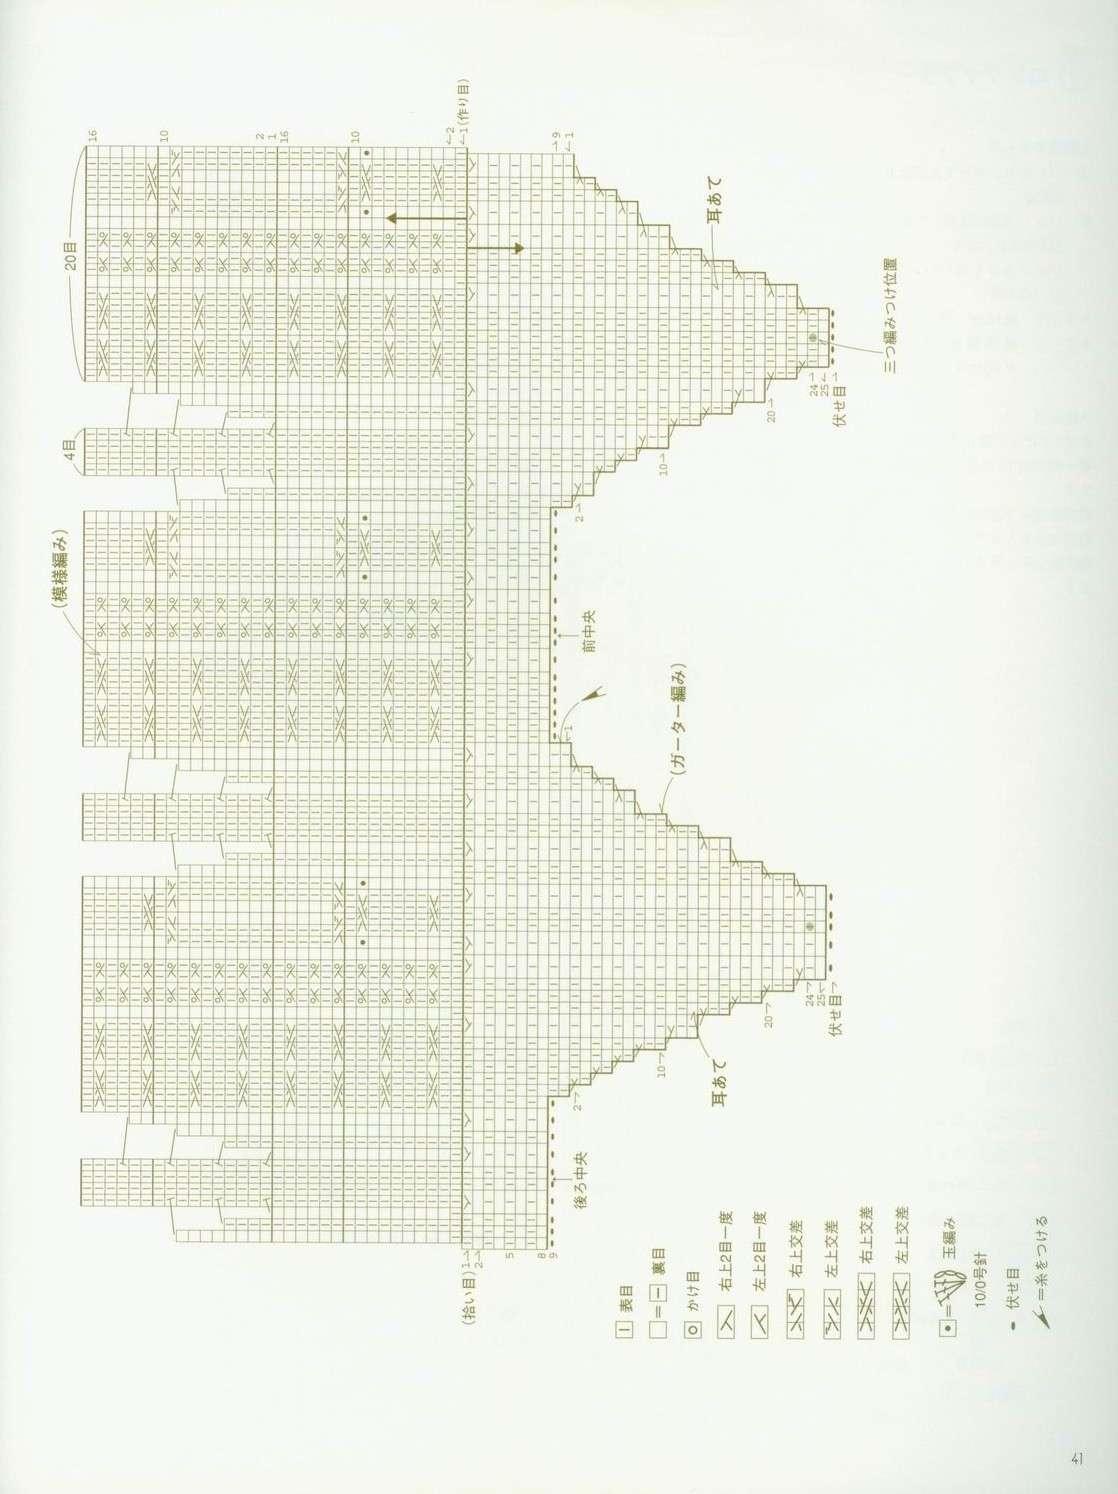 hỏi kí hiệu trong chart của mẫu đan M012 884110